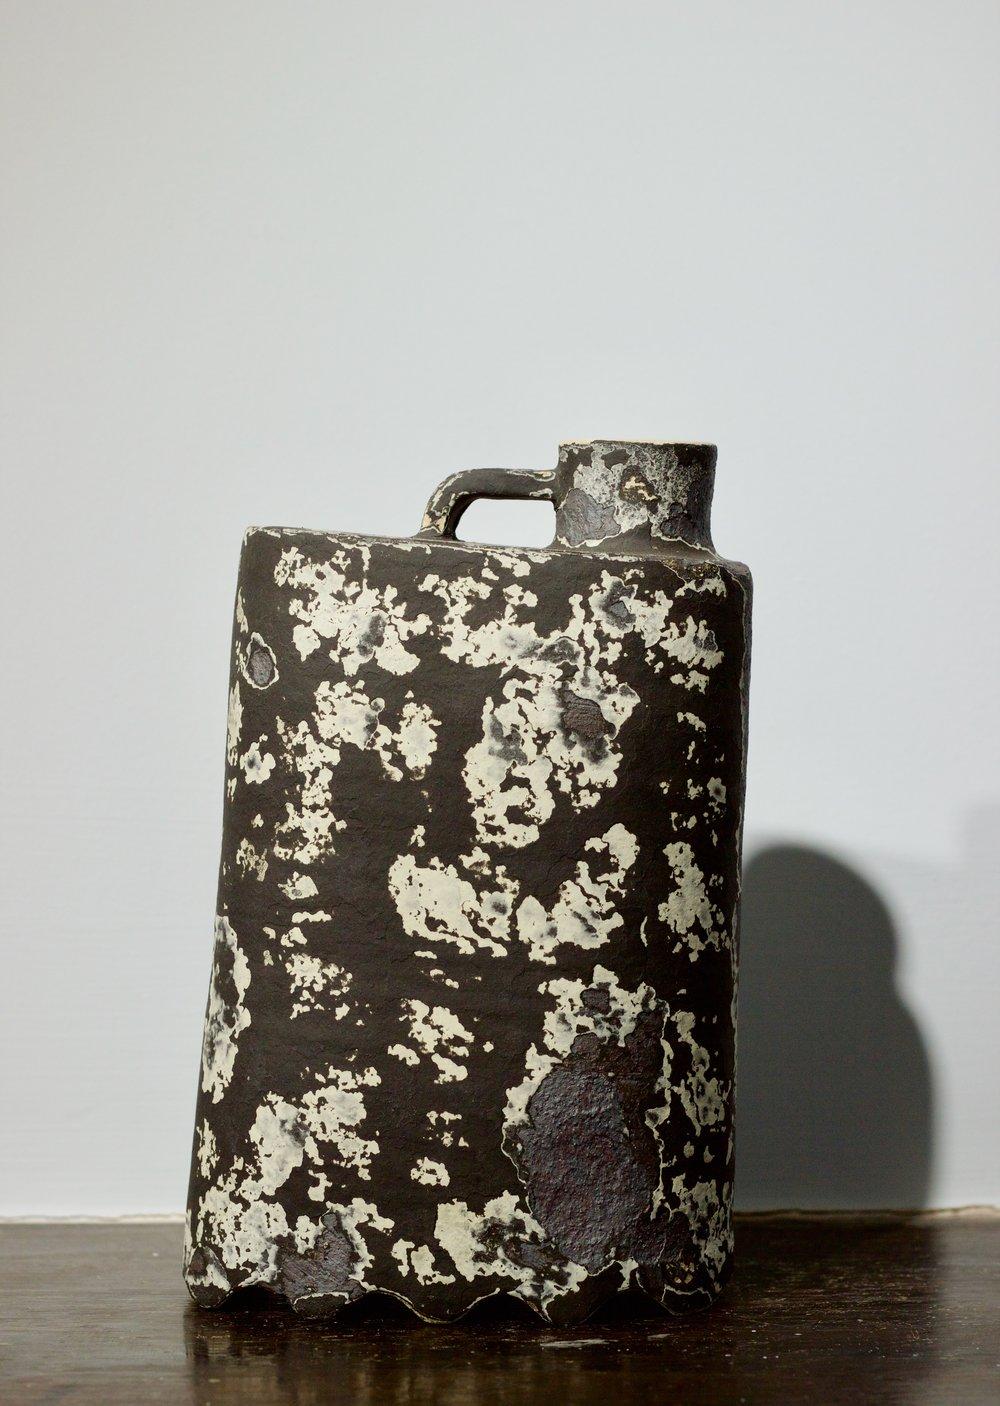 James Faulkner - Black Bottle Vase